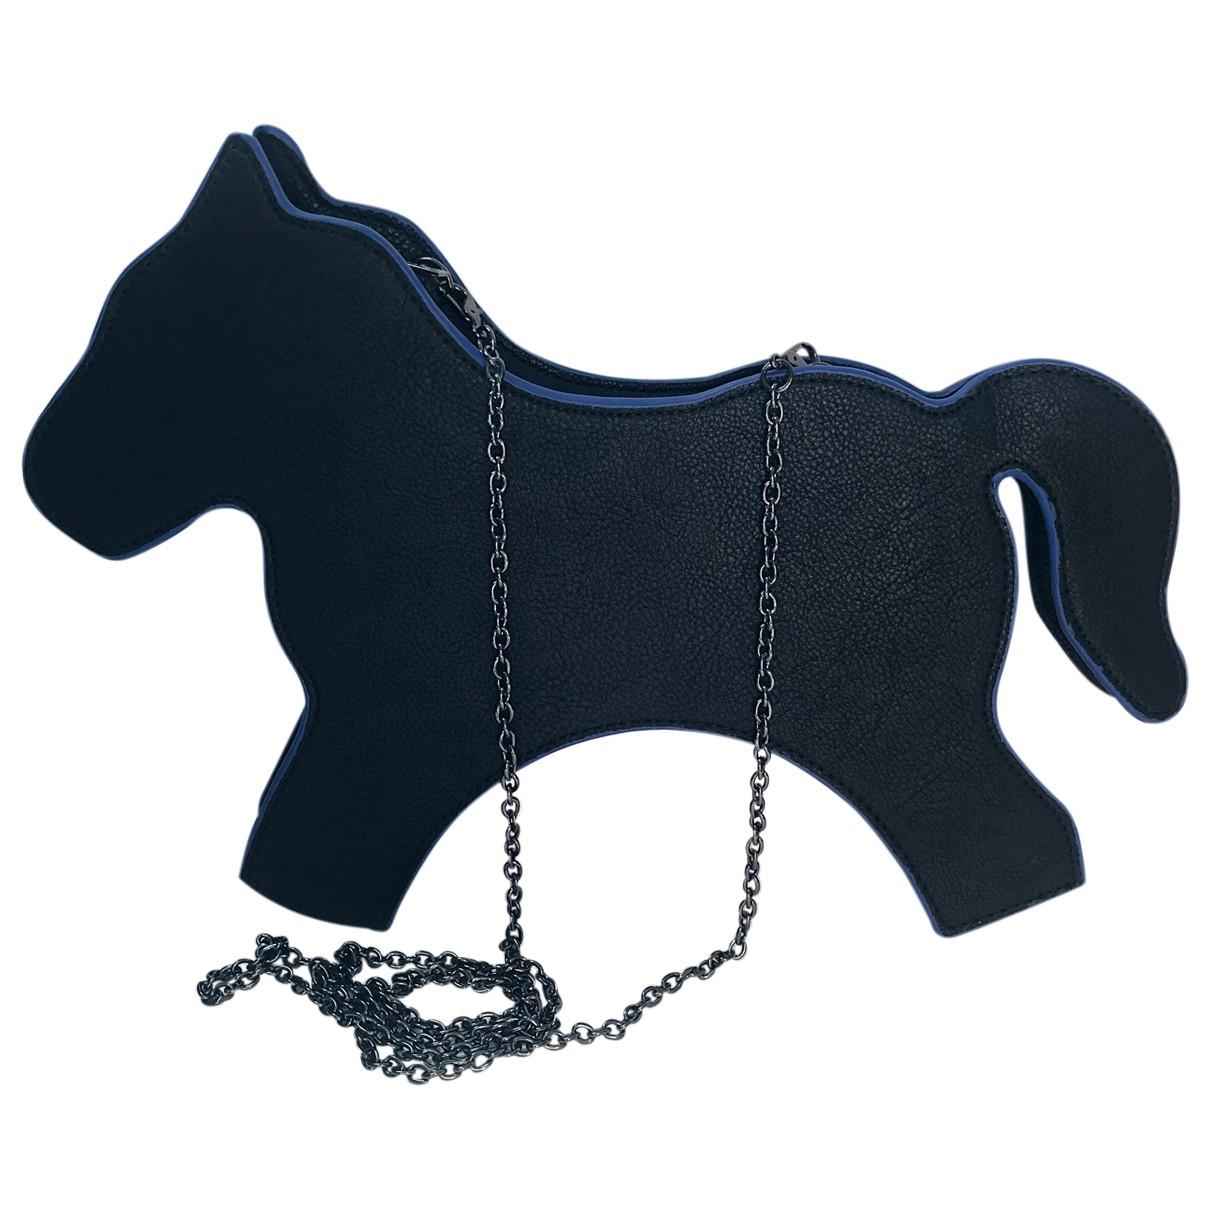 Bcbg Max Azria \N Black handbag for Women \N